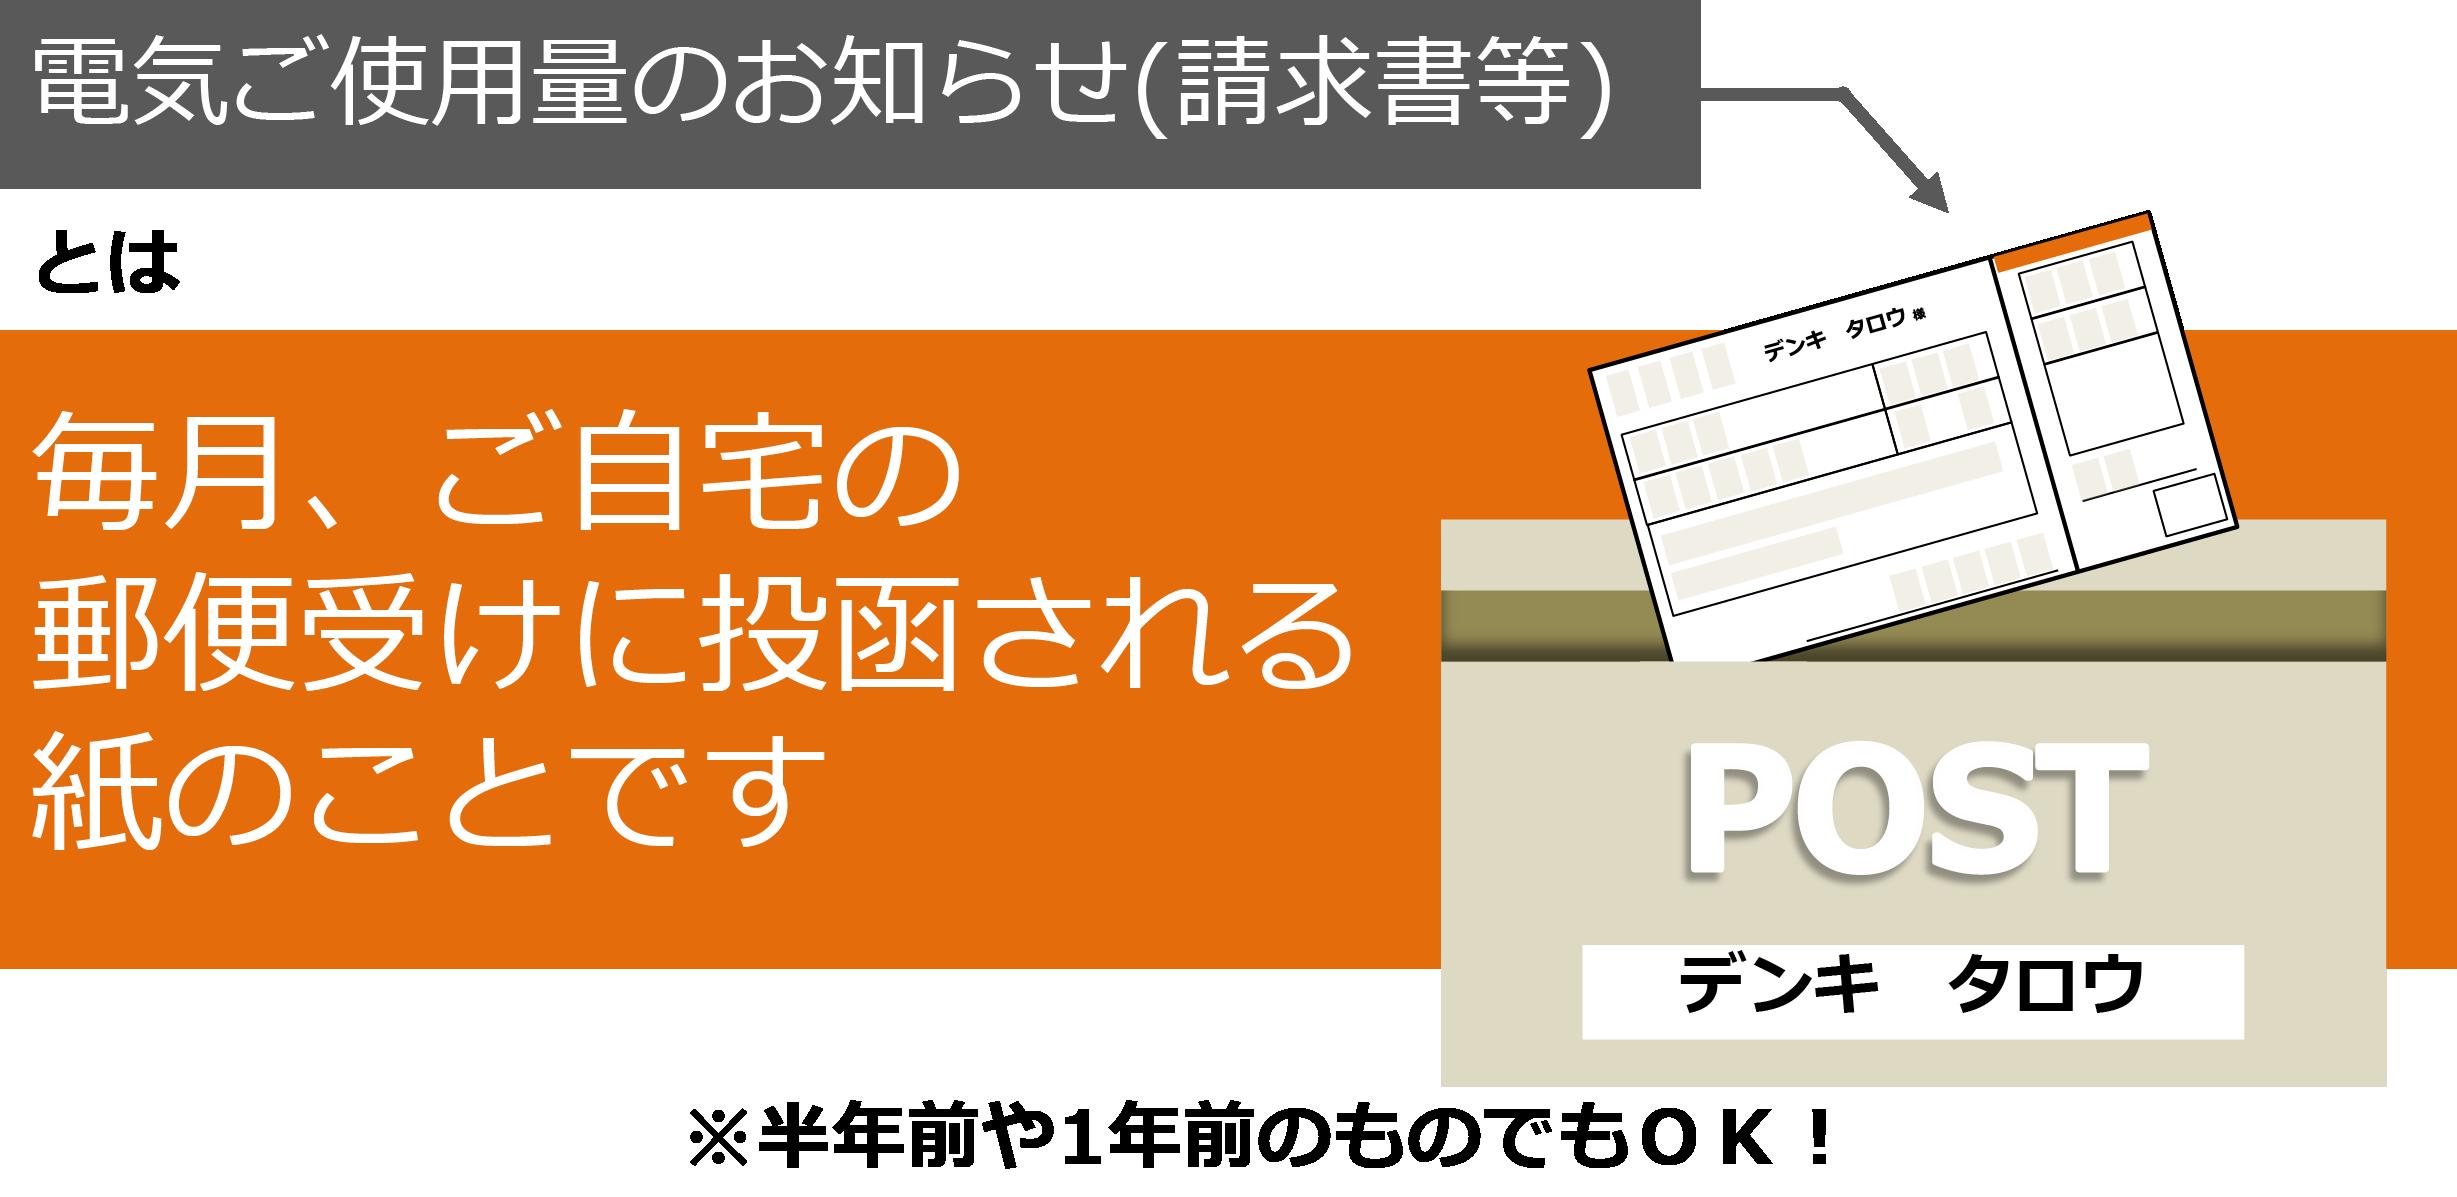 電気ご使用量のお知らせ(請求書等)とは毎月、ご自宅の郵便受けに投函される紙のことです※半年前や1年前のものでもOK!